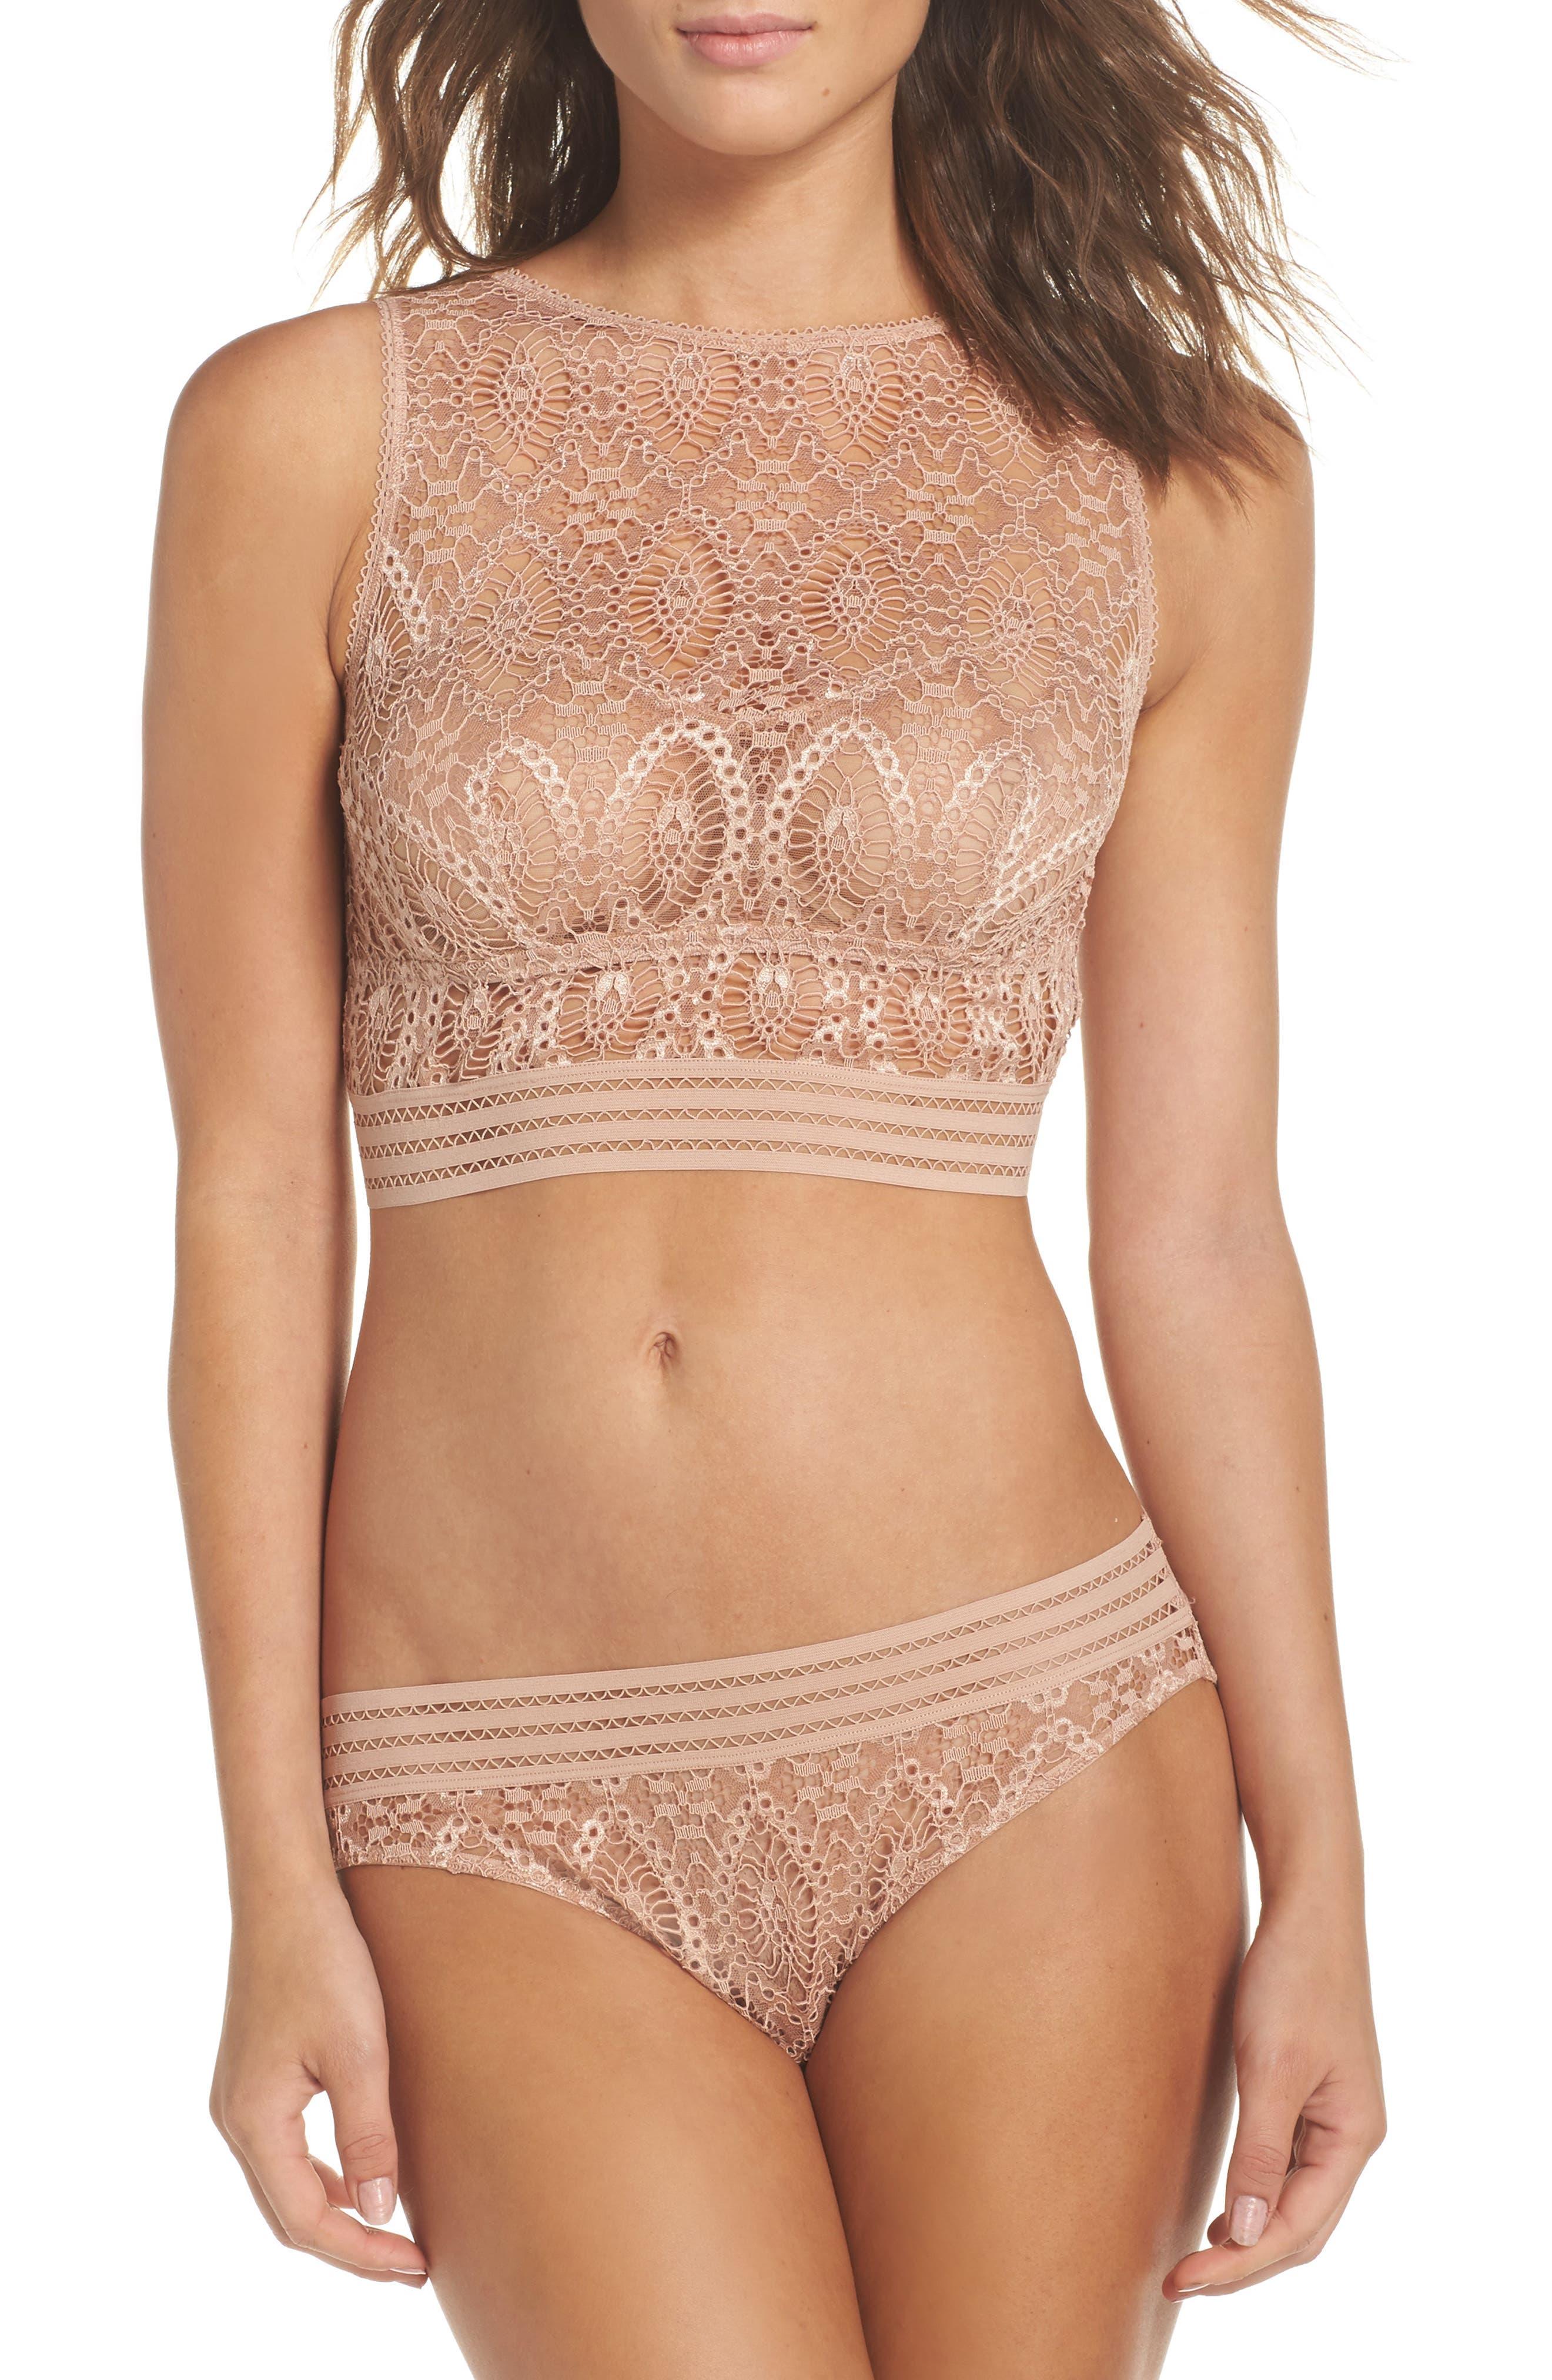 ELSE Baroque Bra & Bikini